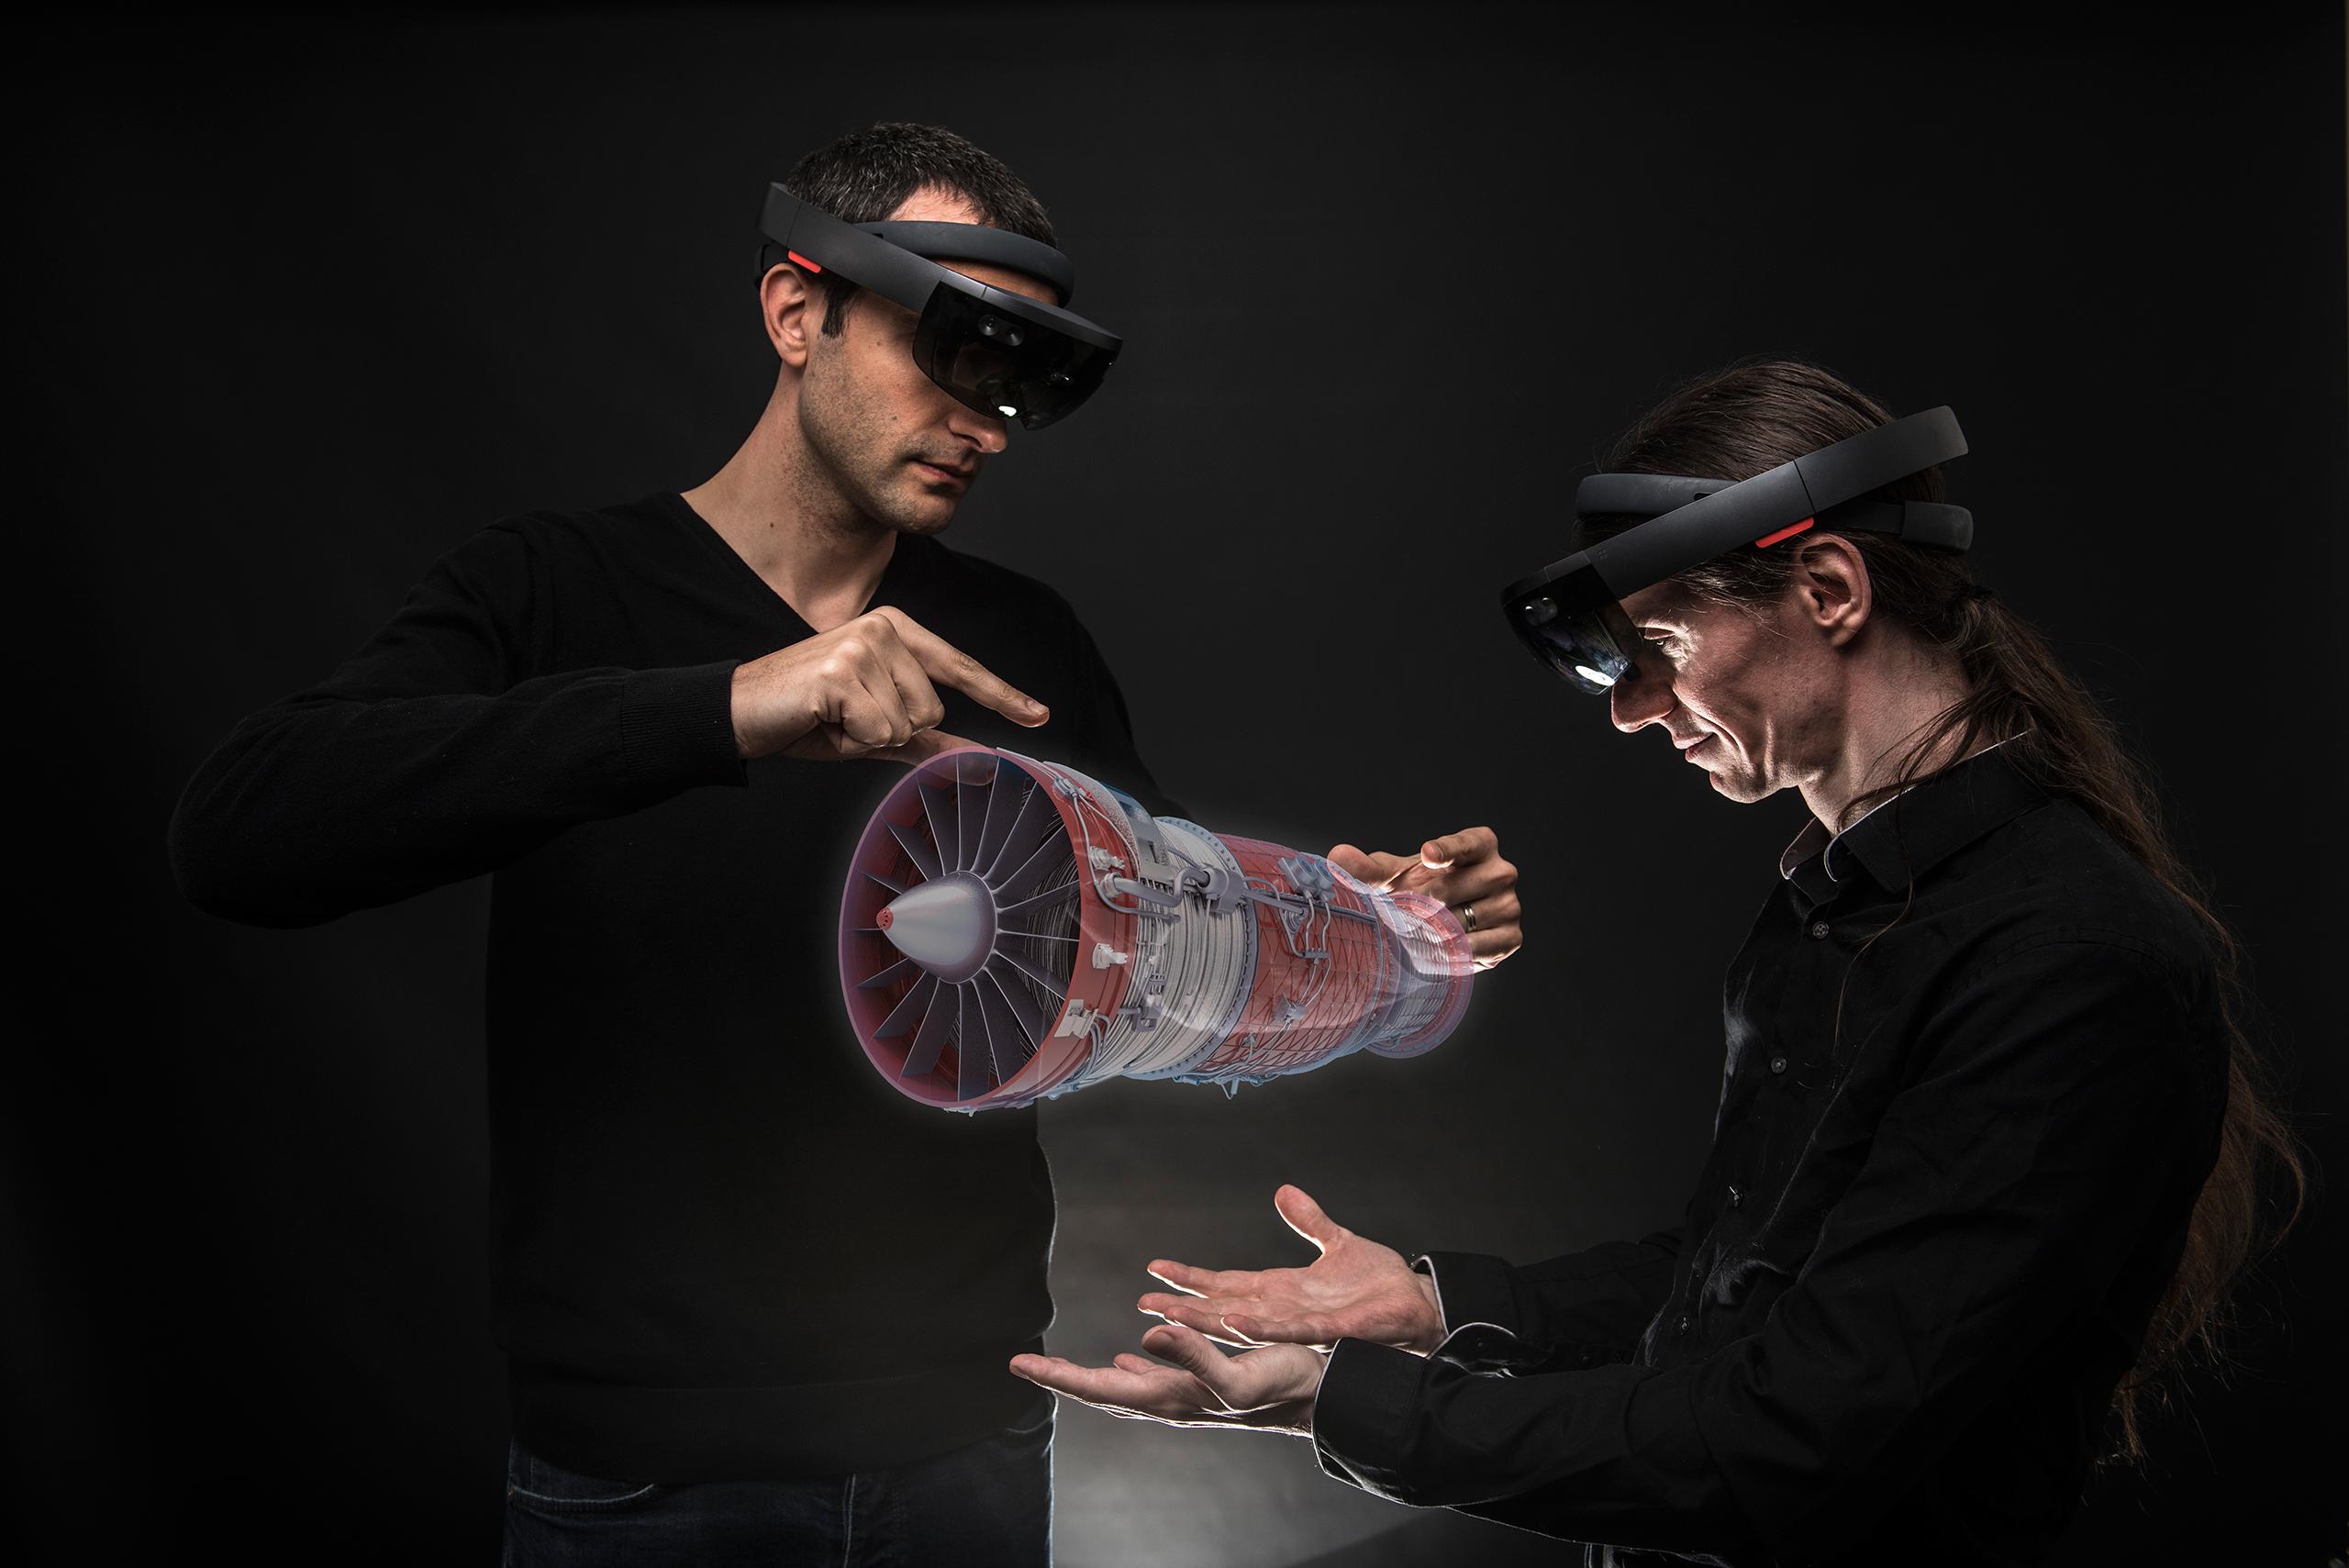 Vigo Universal - HoloLens